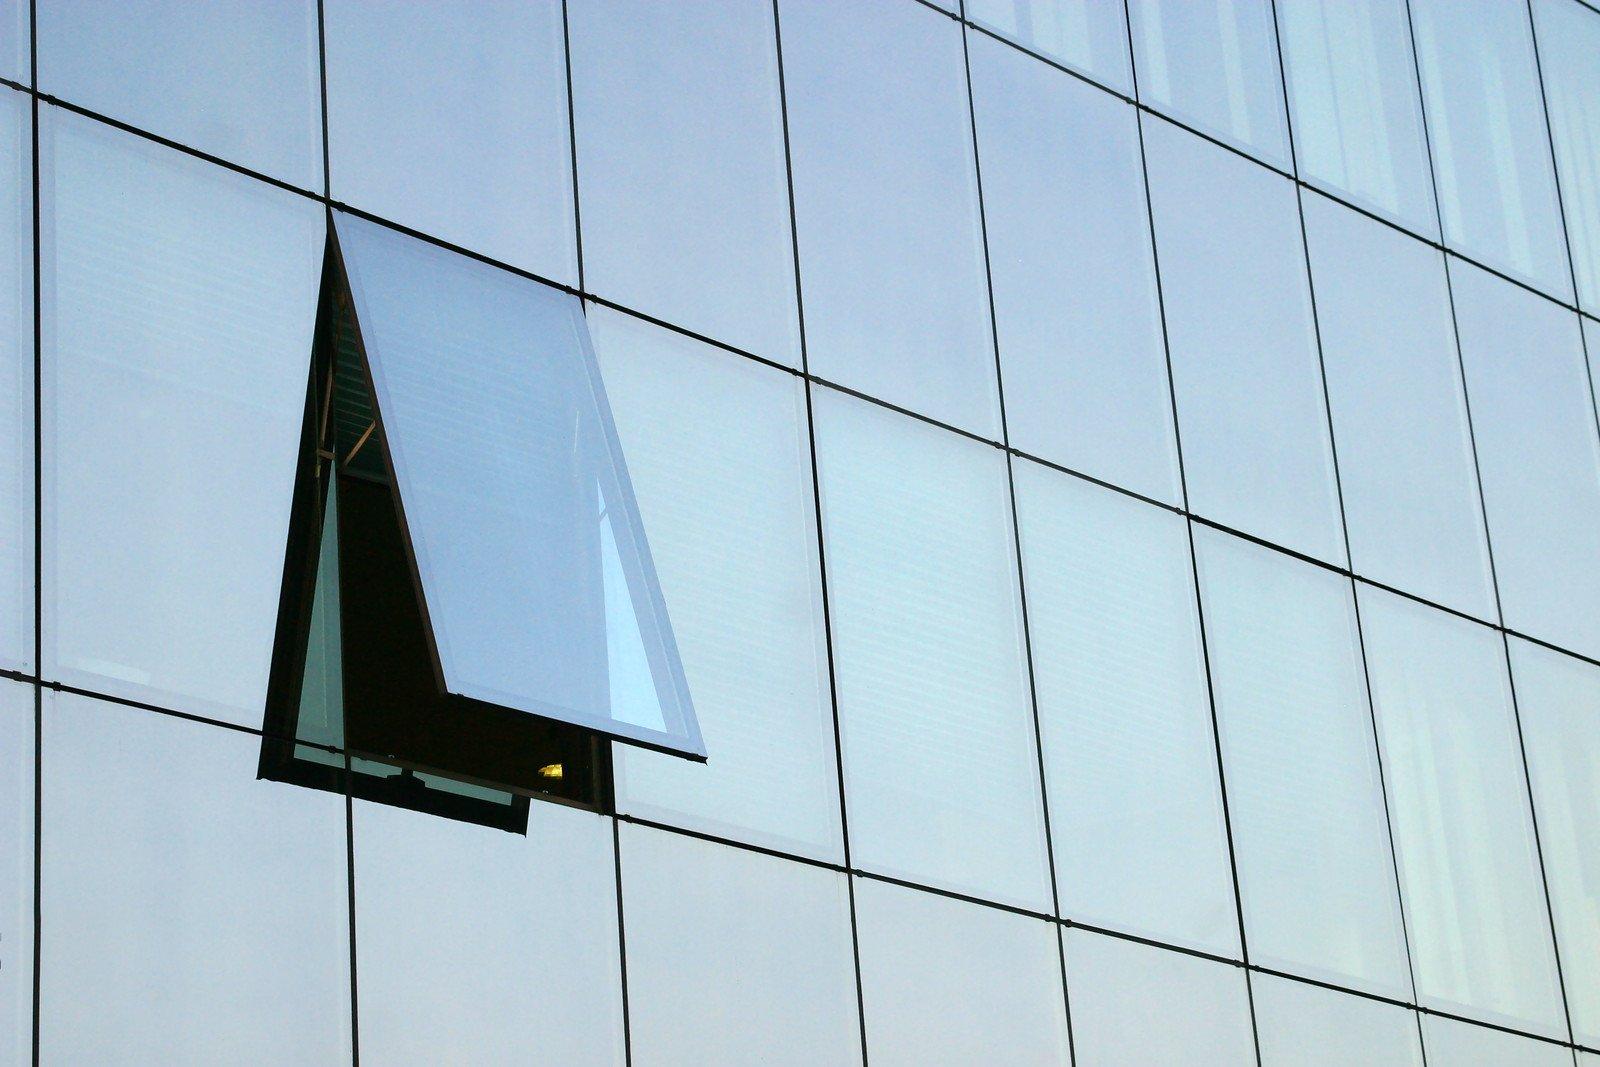 نمای بدون قاب شیشه ای